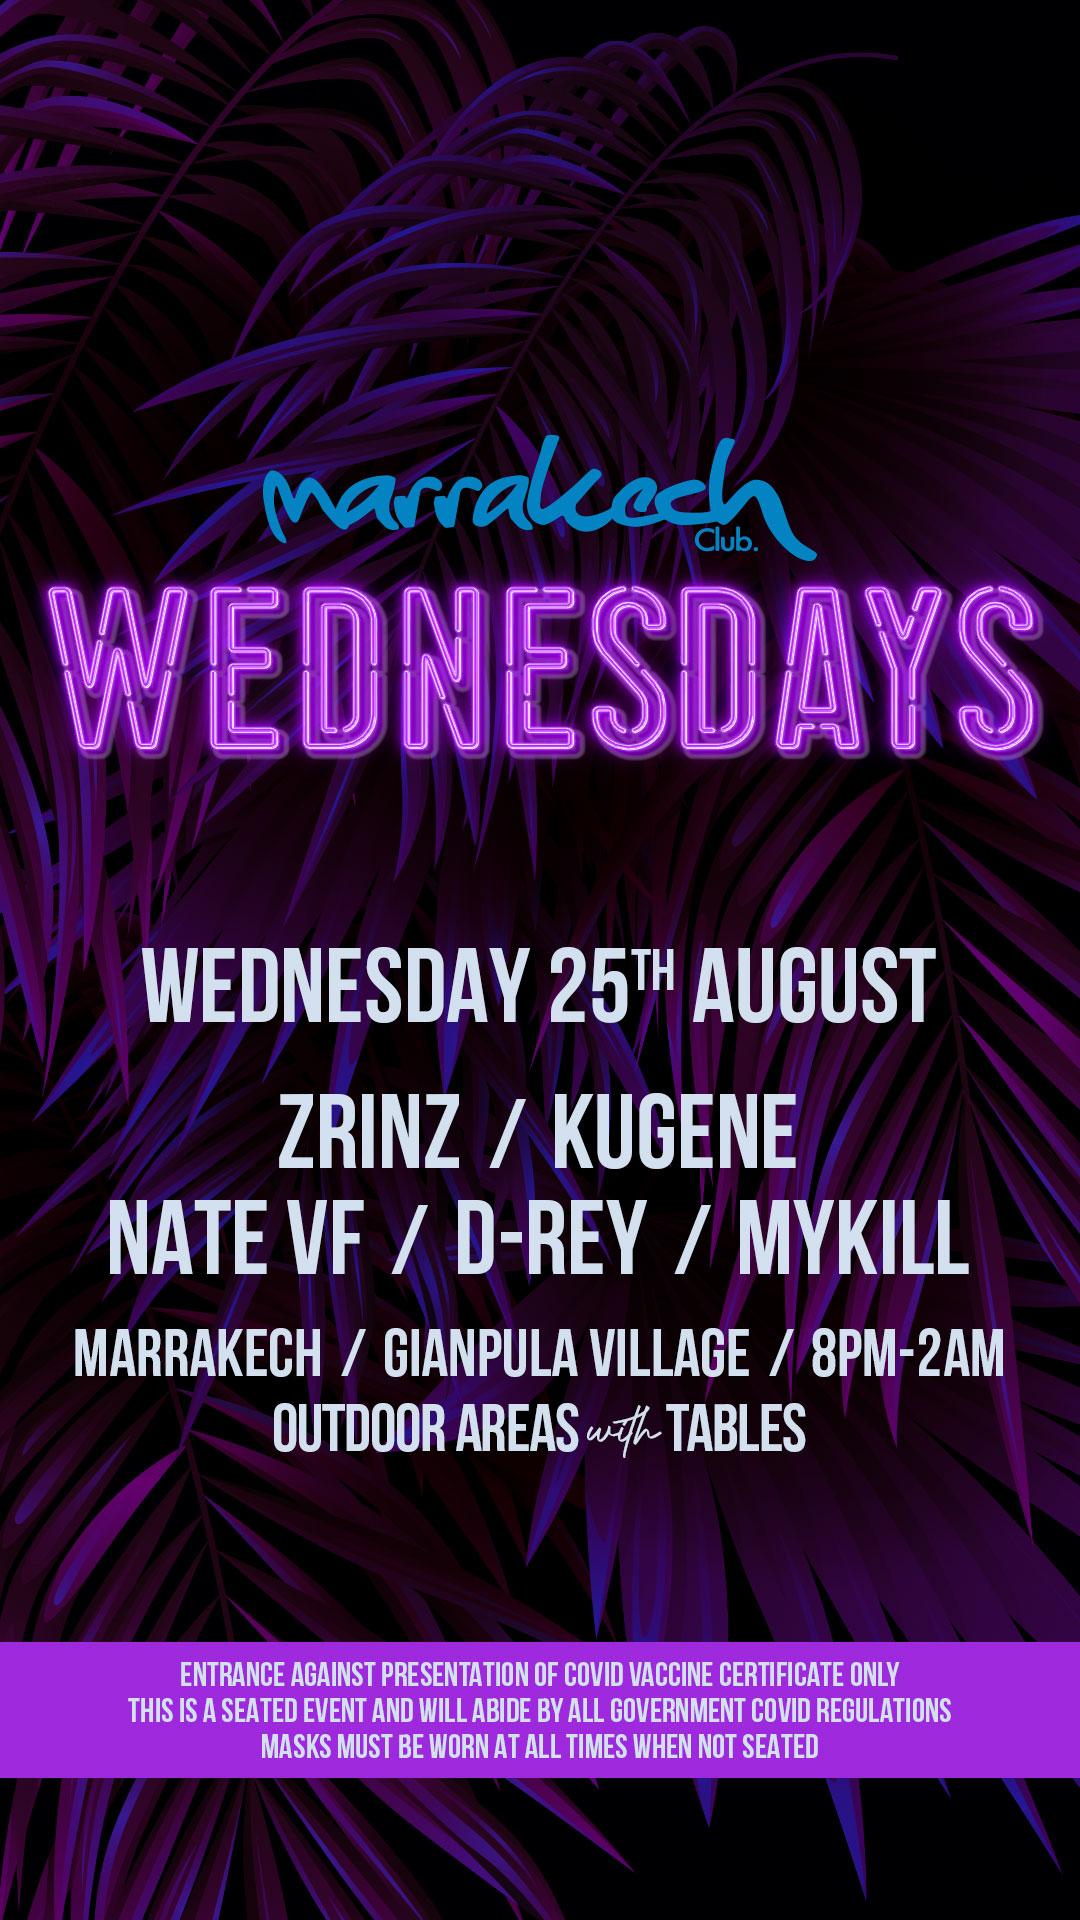 Marrakech Wednesdays poster